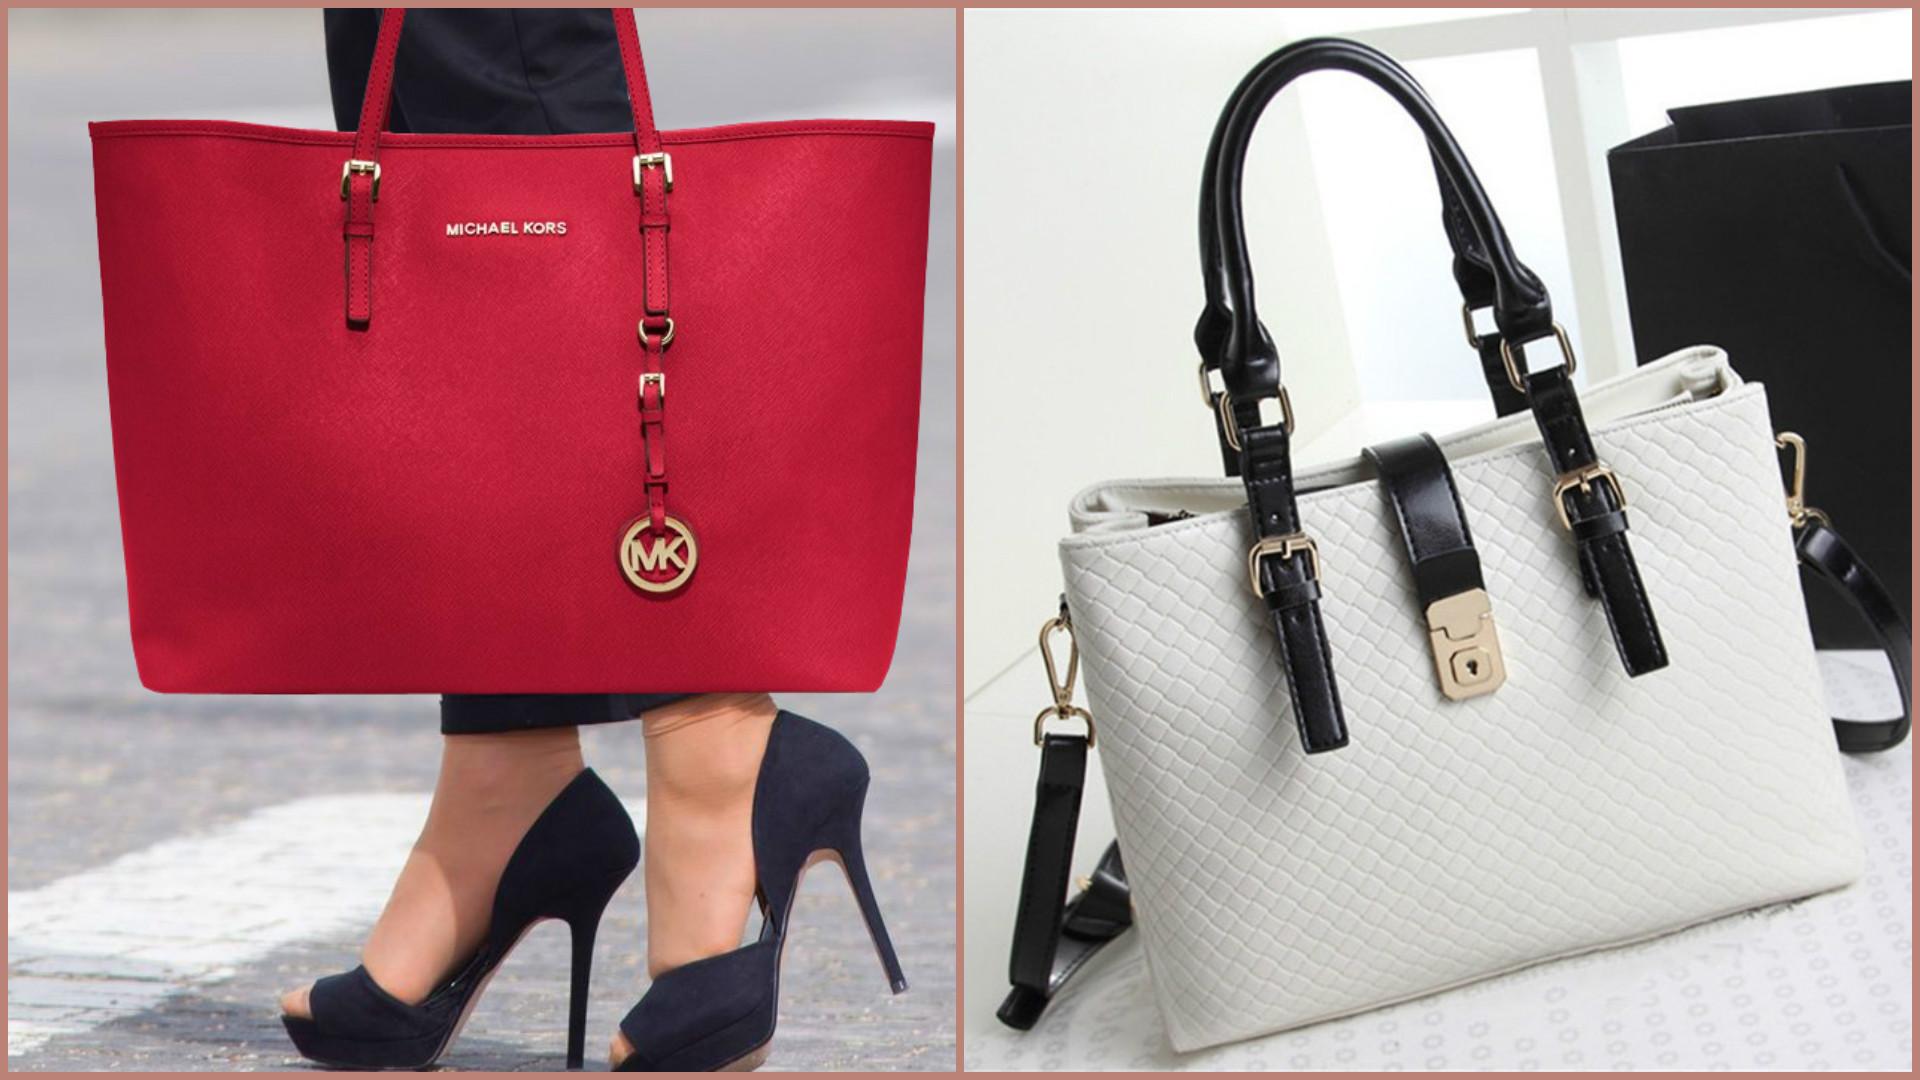 66e19eca02f7 Модные женские сумки 2019 | Фото, тренды и тенденции